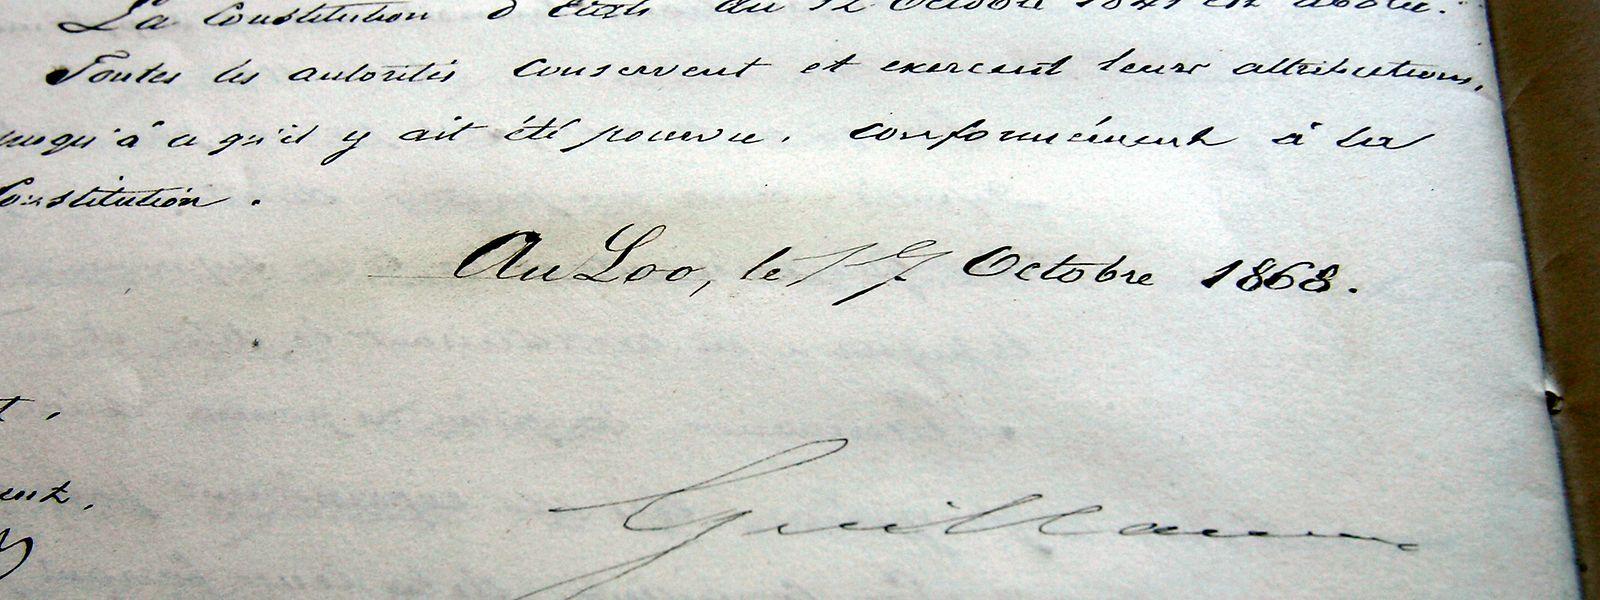 Die Verfassung aus dem Jahr 1868 wird etappenweise überarbeitet und modernisiert. Im vorerst letzten Entwurf geht es um die Grundrechte und die Freiheiten.